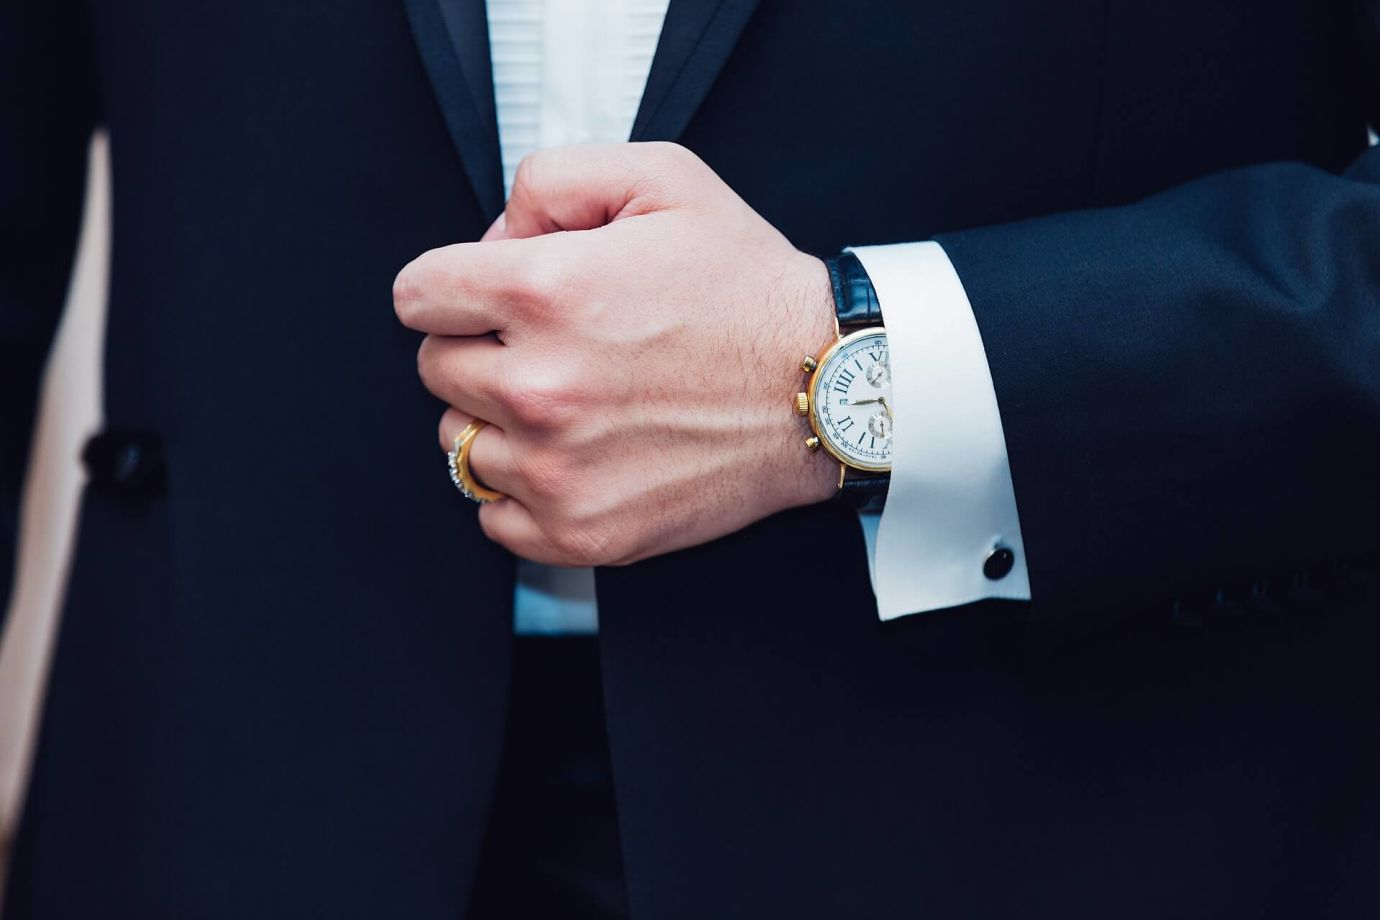 Wie trägt man eine Uhr richtig?